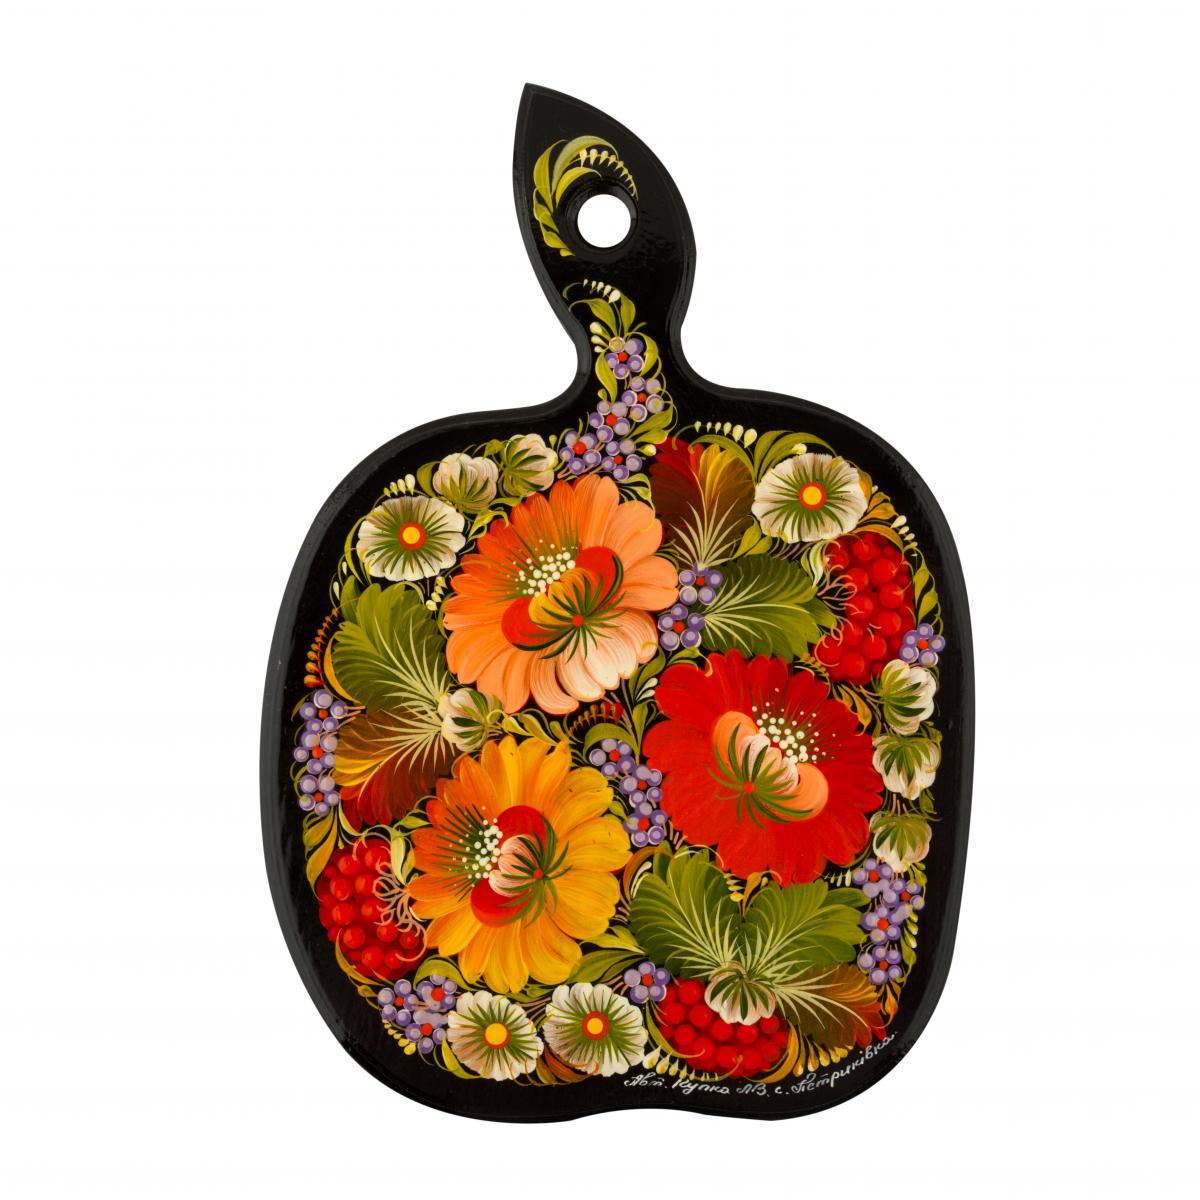 Расписная дощечка с узором Петриковскими цветами, 20 см